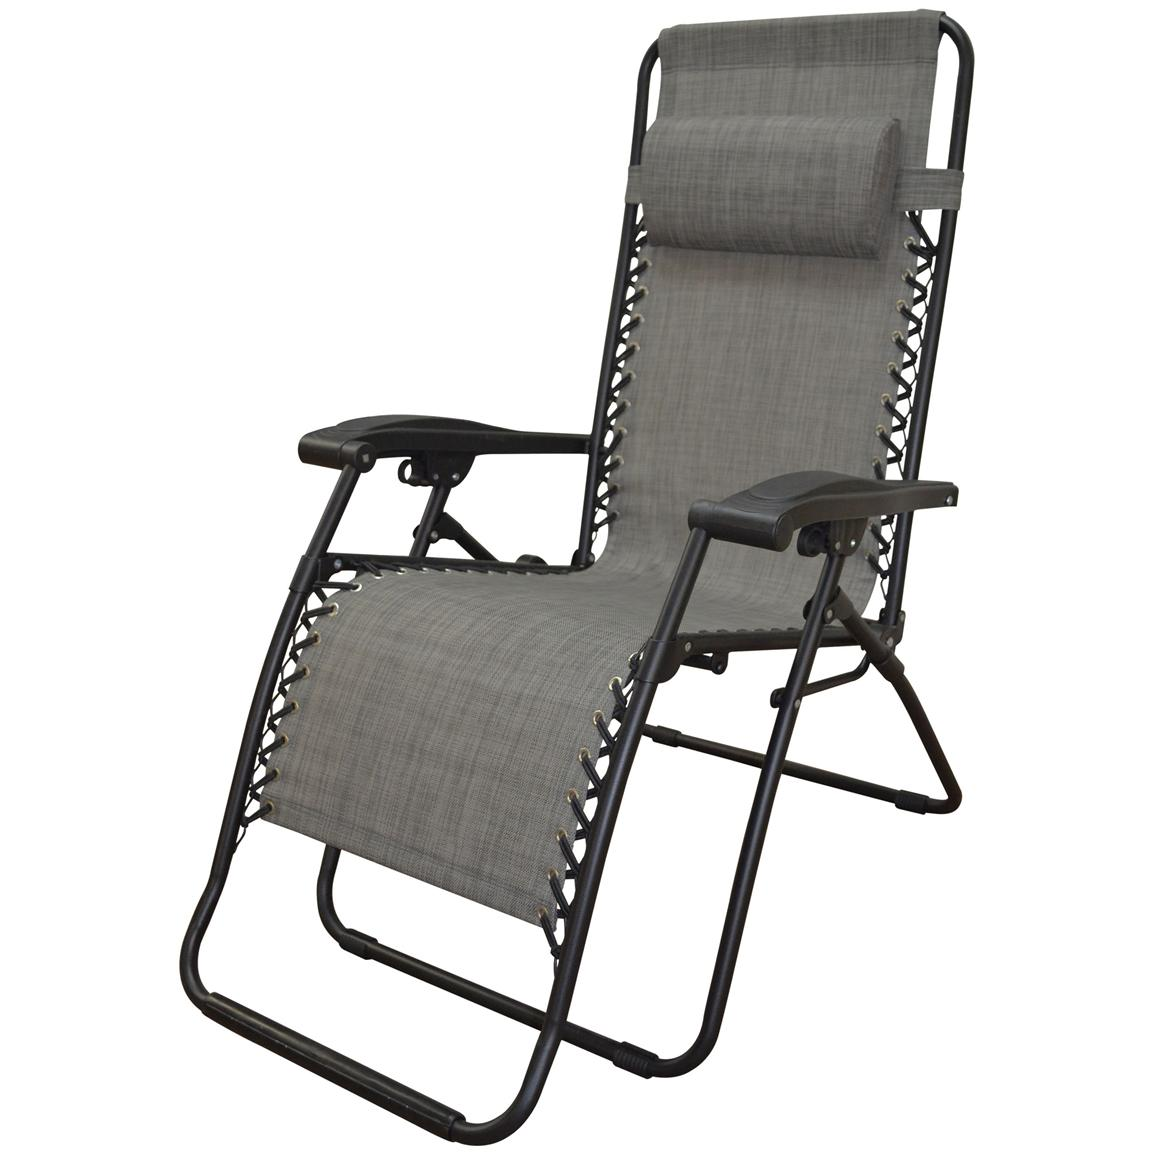 sports gravity infinity cfm chair hayneedle product oversized detail caravan recliner caravancanopyoversizedzerogravityrecliner zero